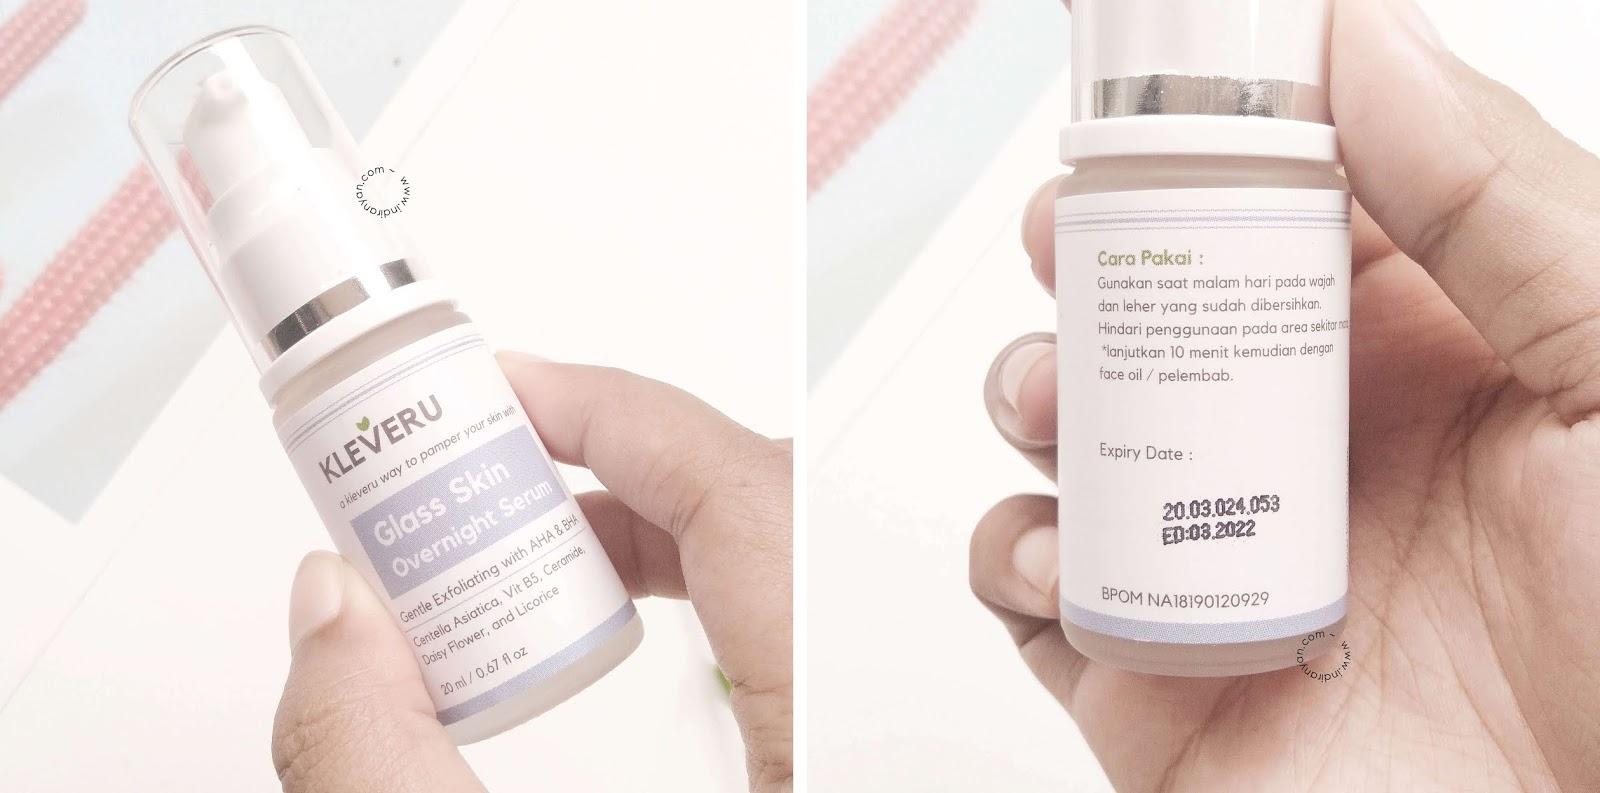 kleveru-glass-skin-overnight-serum